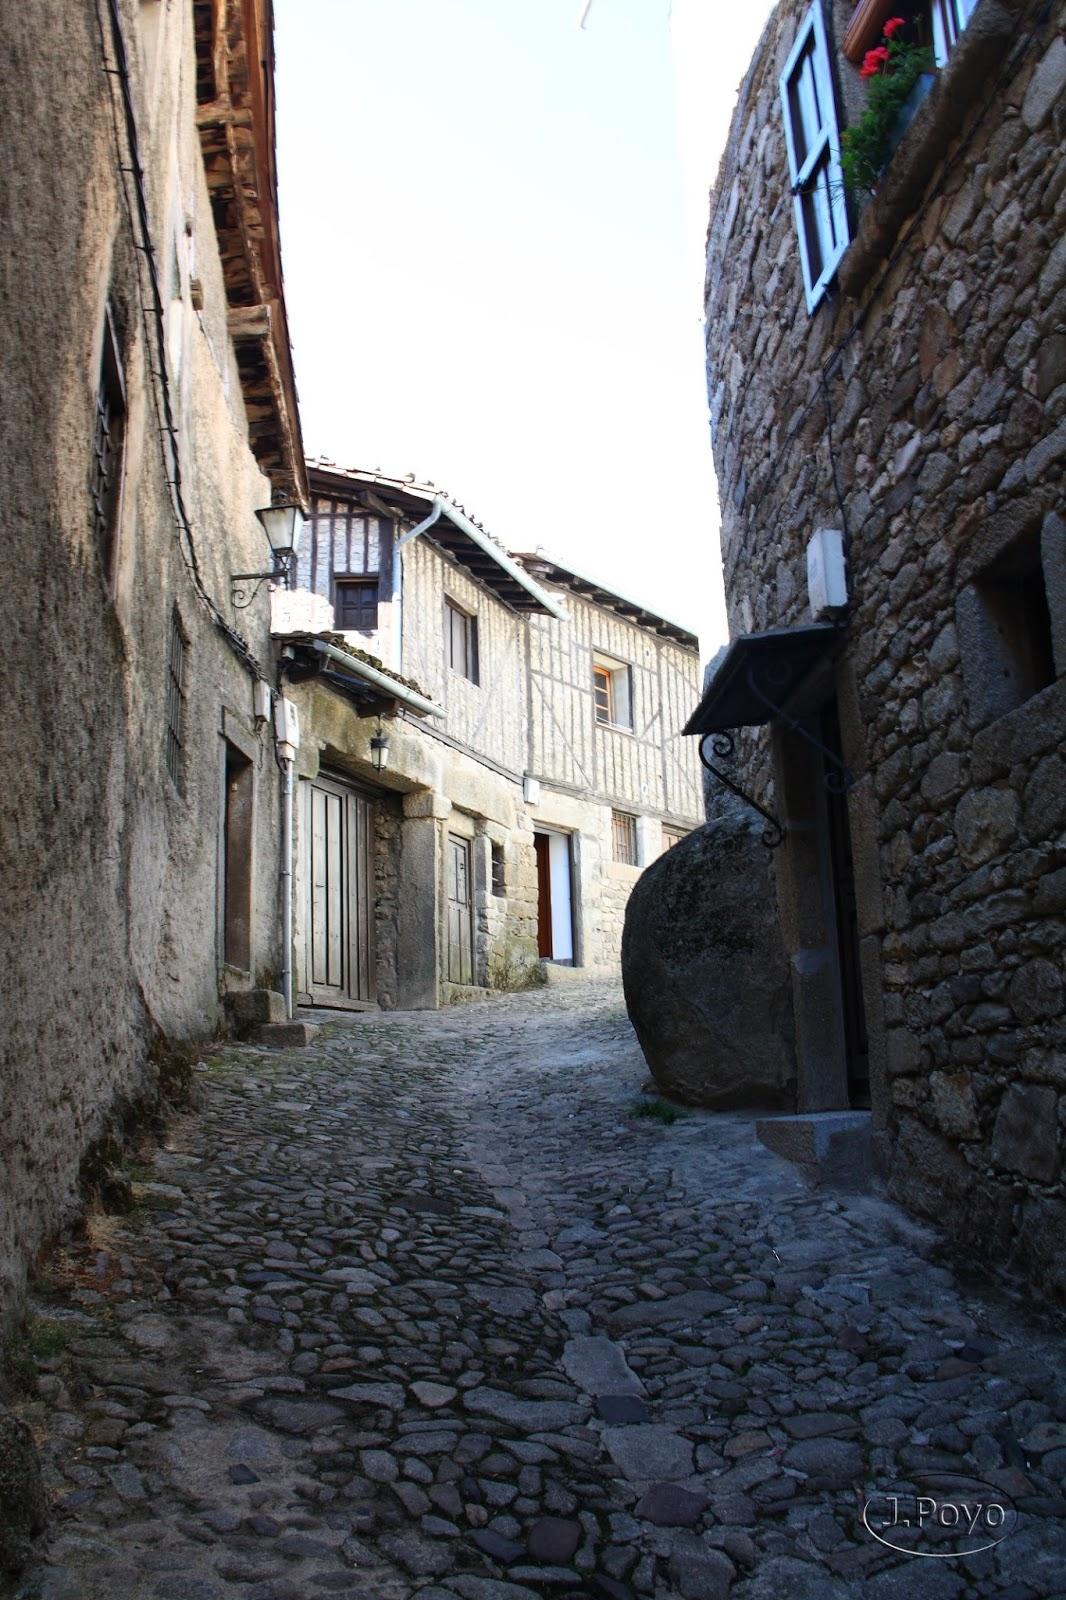 La alberca salamanca viajes y rutas for Visitar la alberca y alrededores